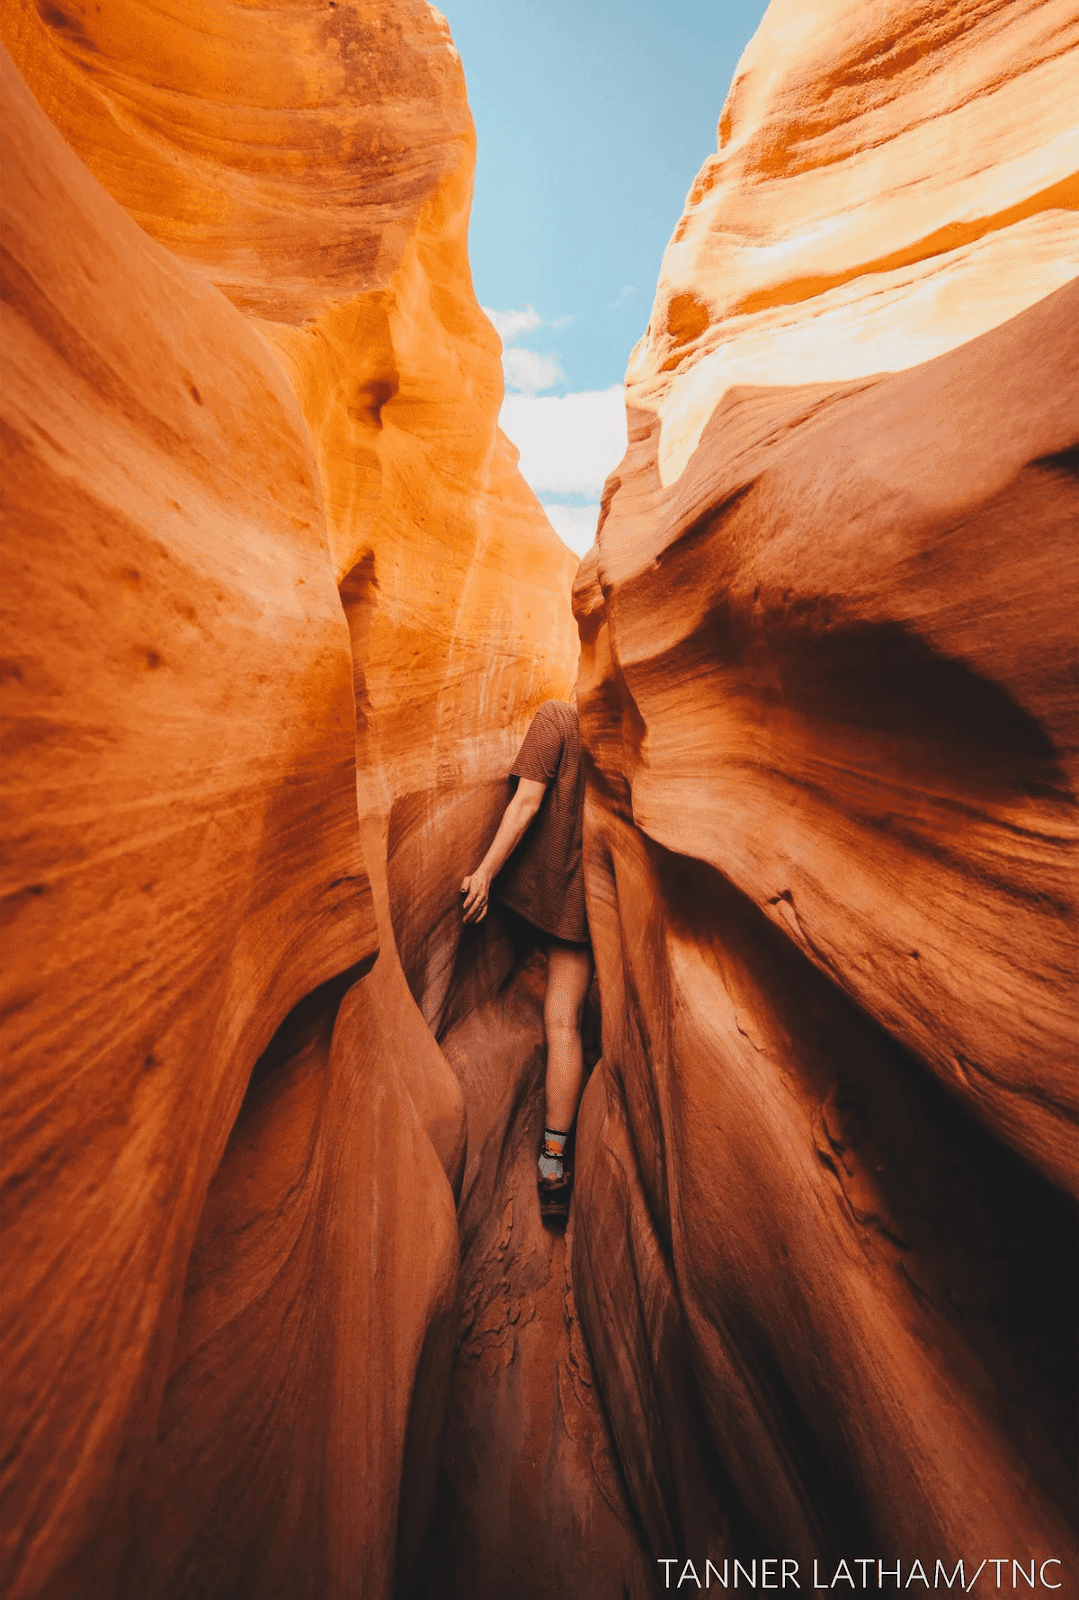 hermosas-fotografías-de-la-naturaleza-ganadoras-del-Global-Photo-Contest-2018